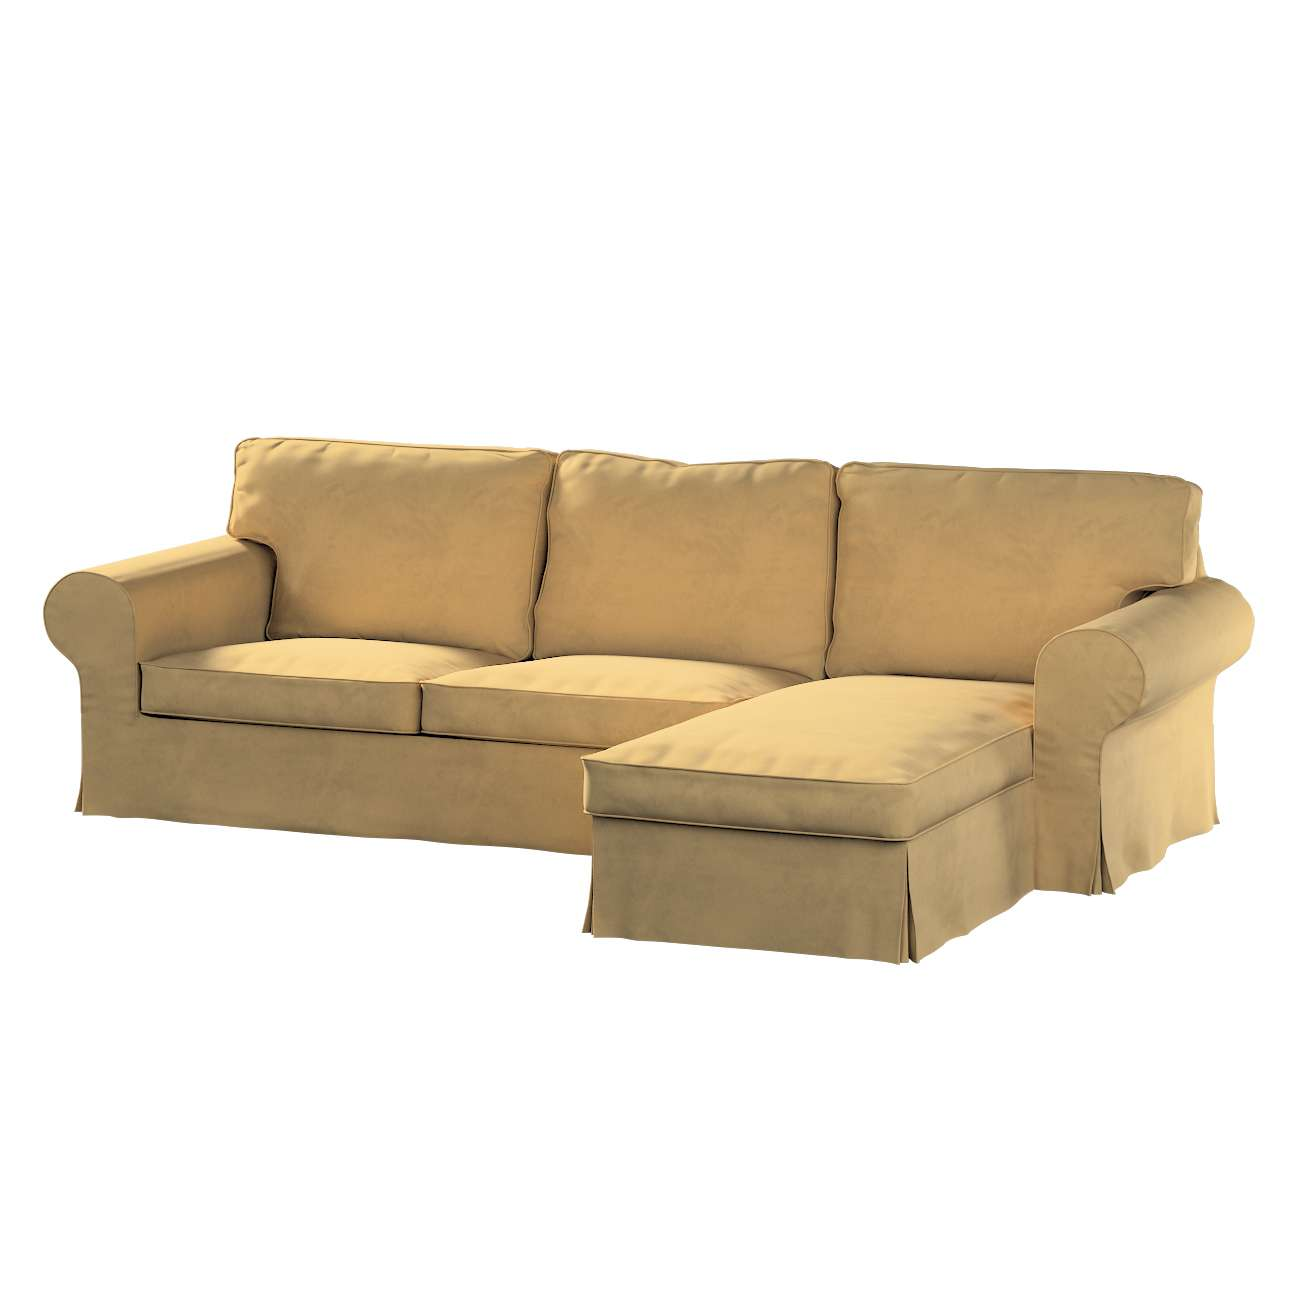 Pokrowiec na sofę Ektorp 2-osobową i leżankę w kolekcji Living, tkanina: 160-93